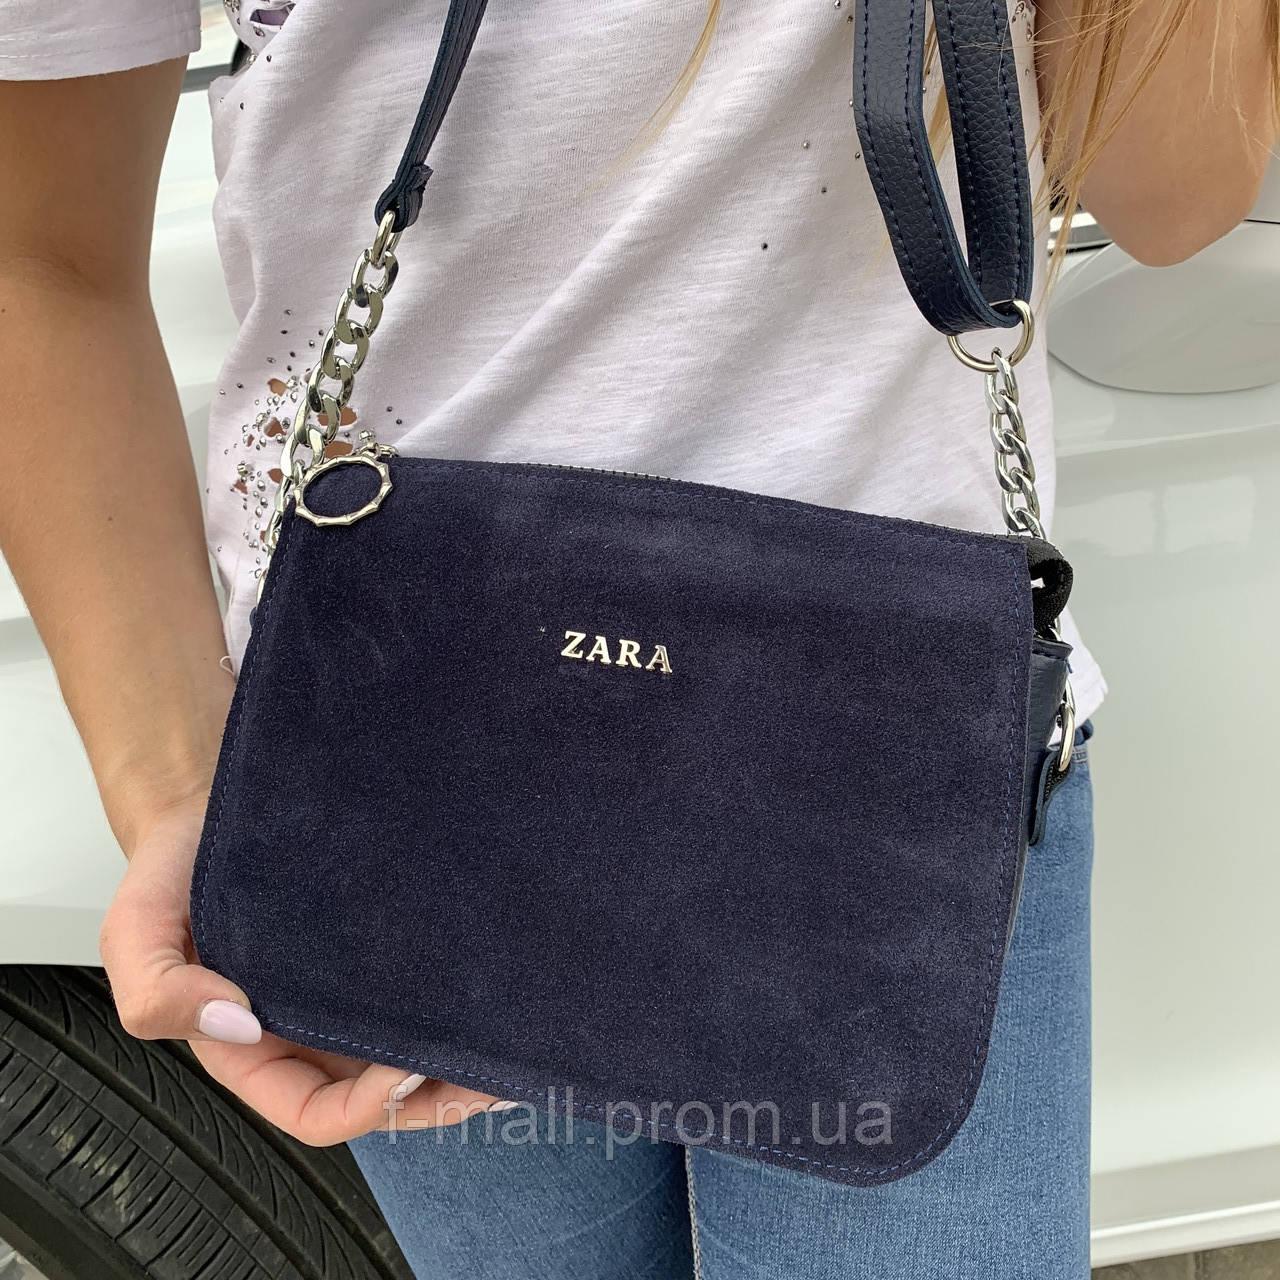 Женская сумка синяя Zara замш   (1536/1)